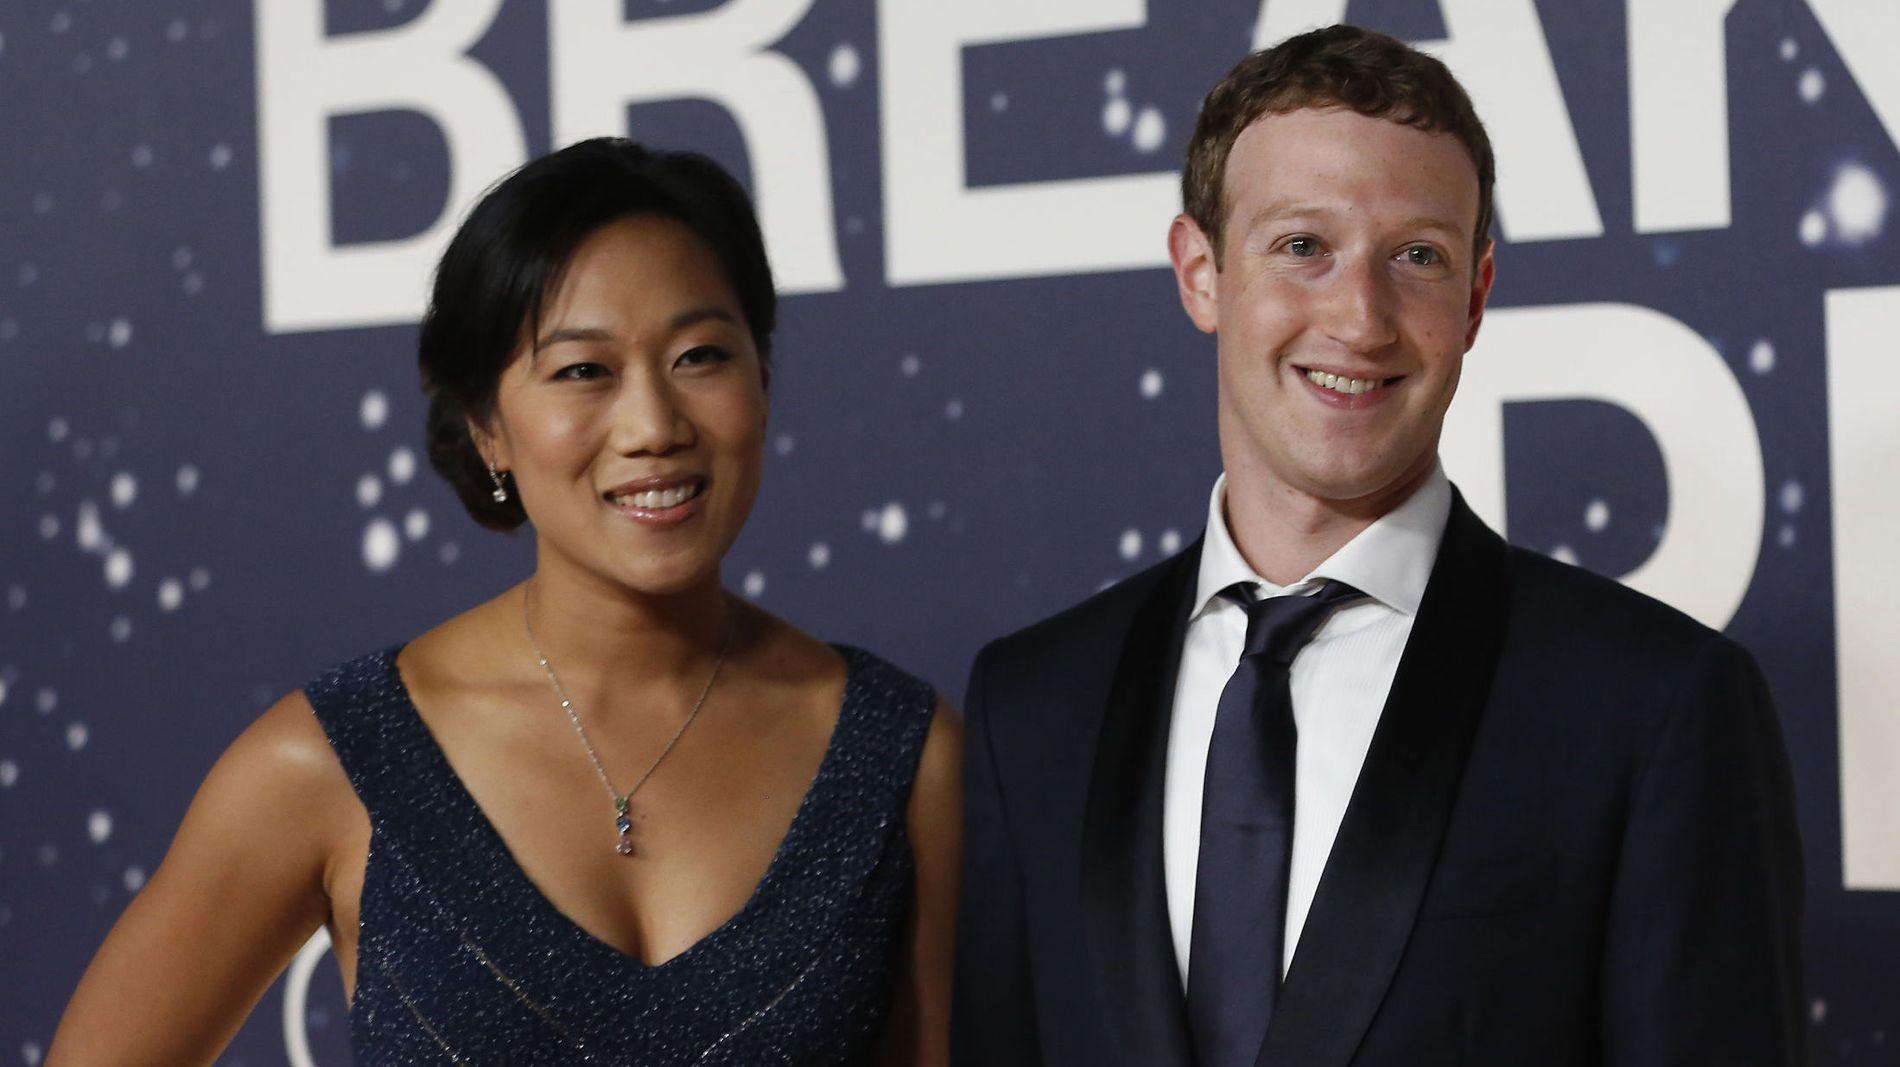 FIKK FETERE LOMMEBOK: Facebook-gründer Mark Zuckerberg med hans kone og tidligere medstudent ved Harvard, Priscilla Chan.